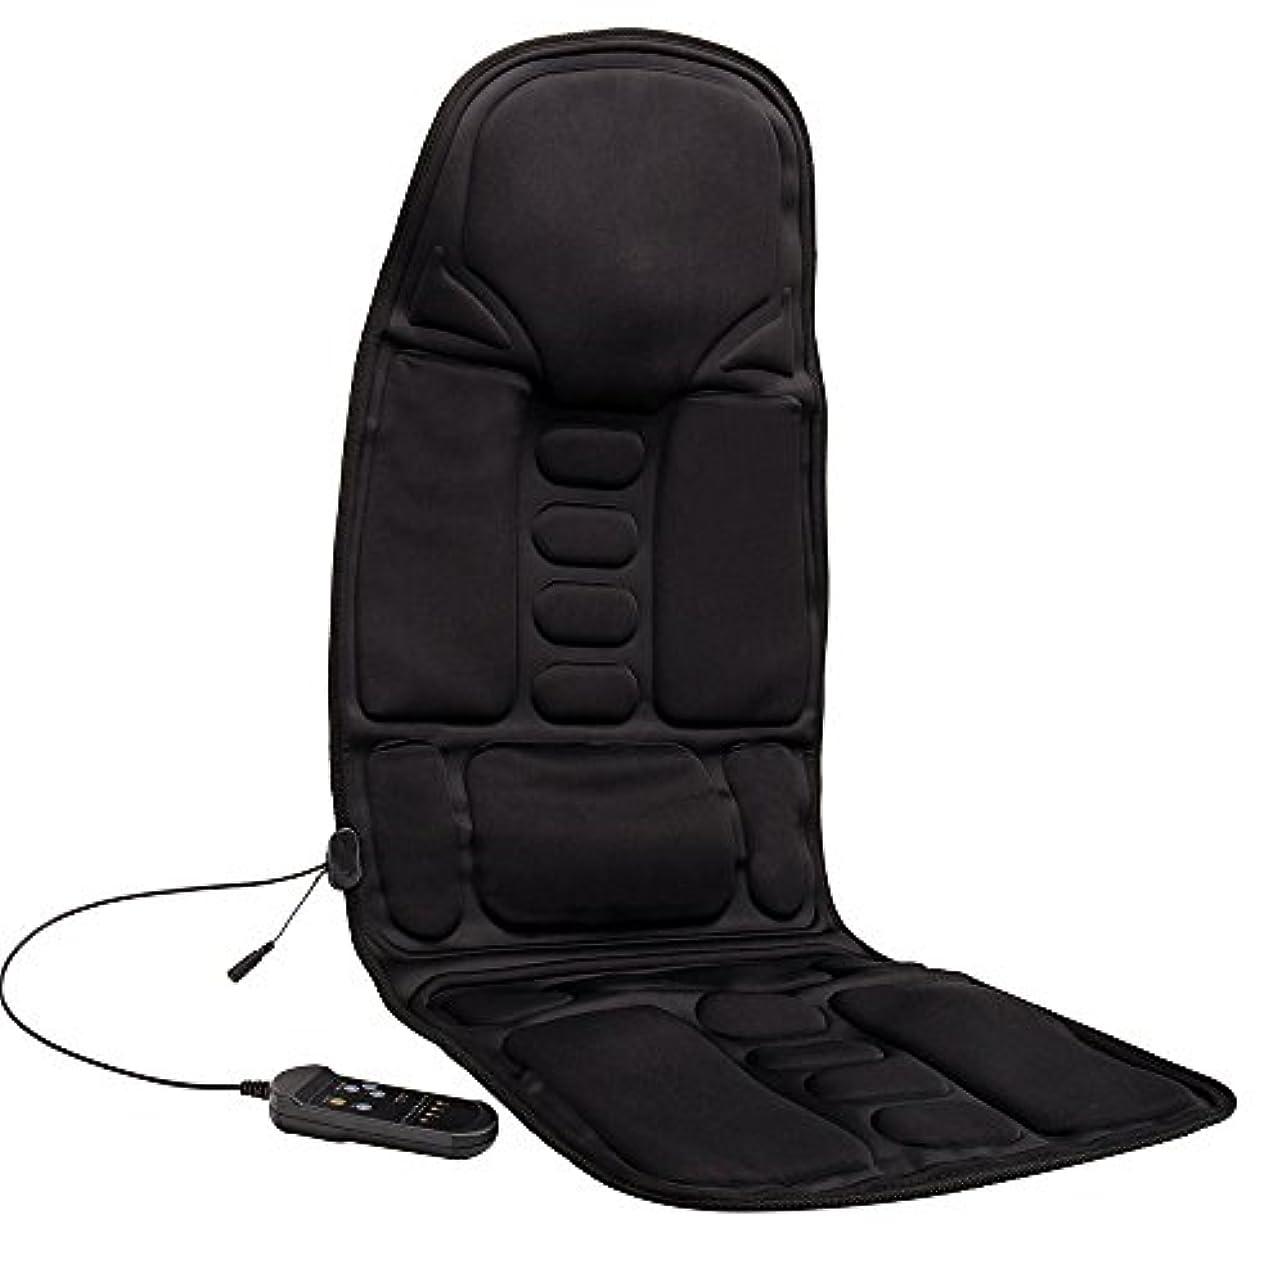 いまコジオスコ天才Kindness マッサージシート ヒーター搭載 高品質PUレザー製 どこでもマッサージャー オフィス 旅行 ホーム 車シート ギフト ブラック